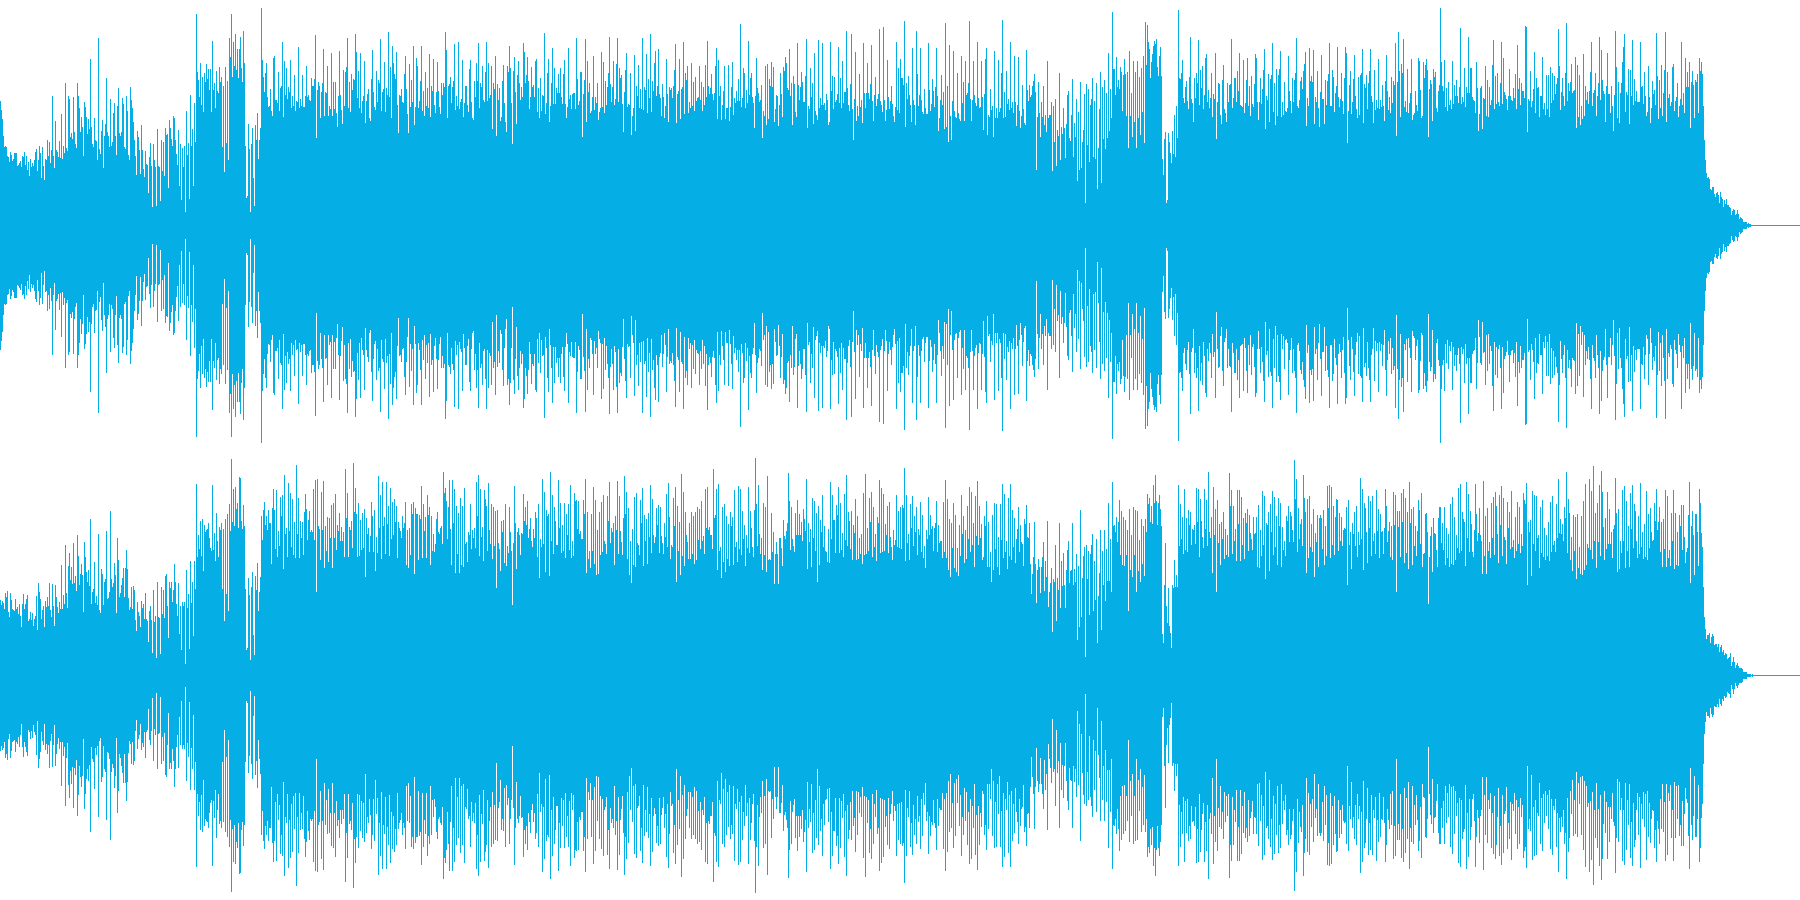 少しビンテージな雰囲気のエレクトロの再生済みの波形